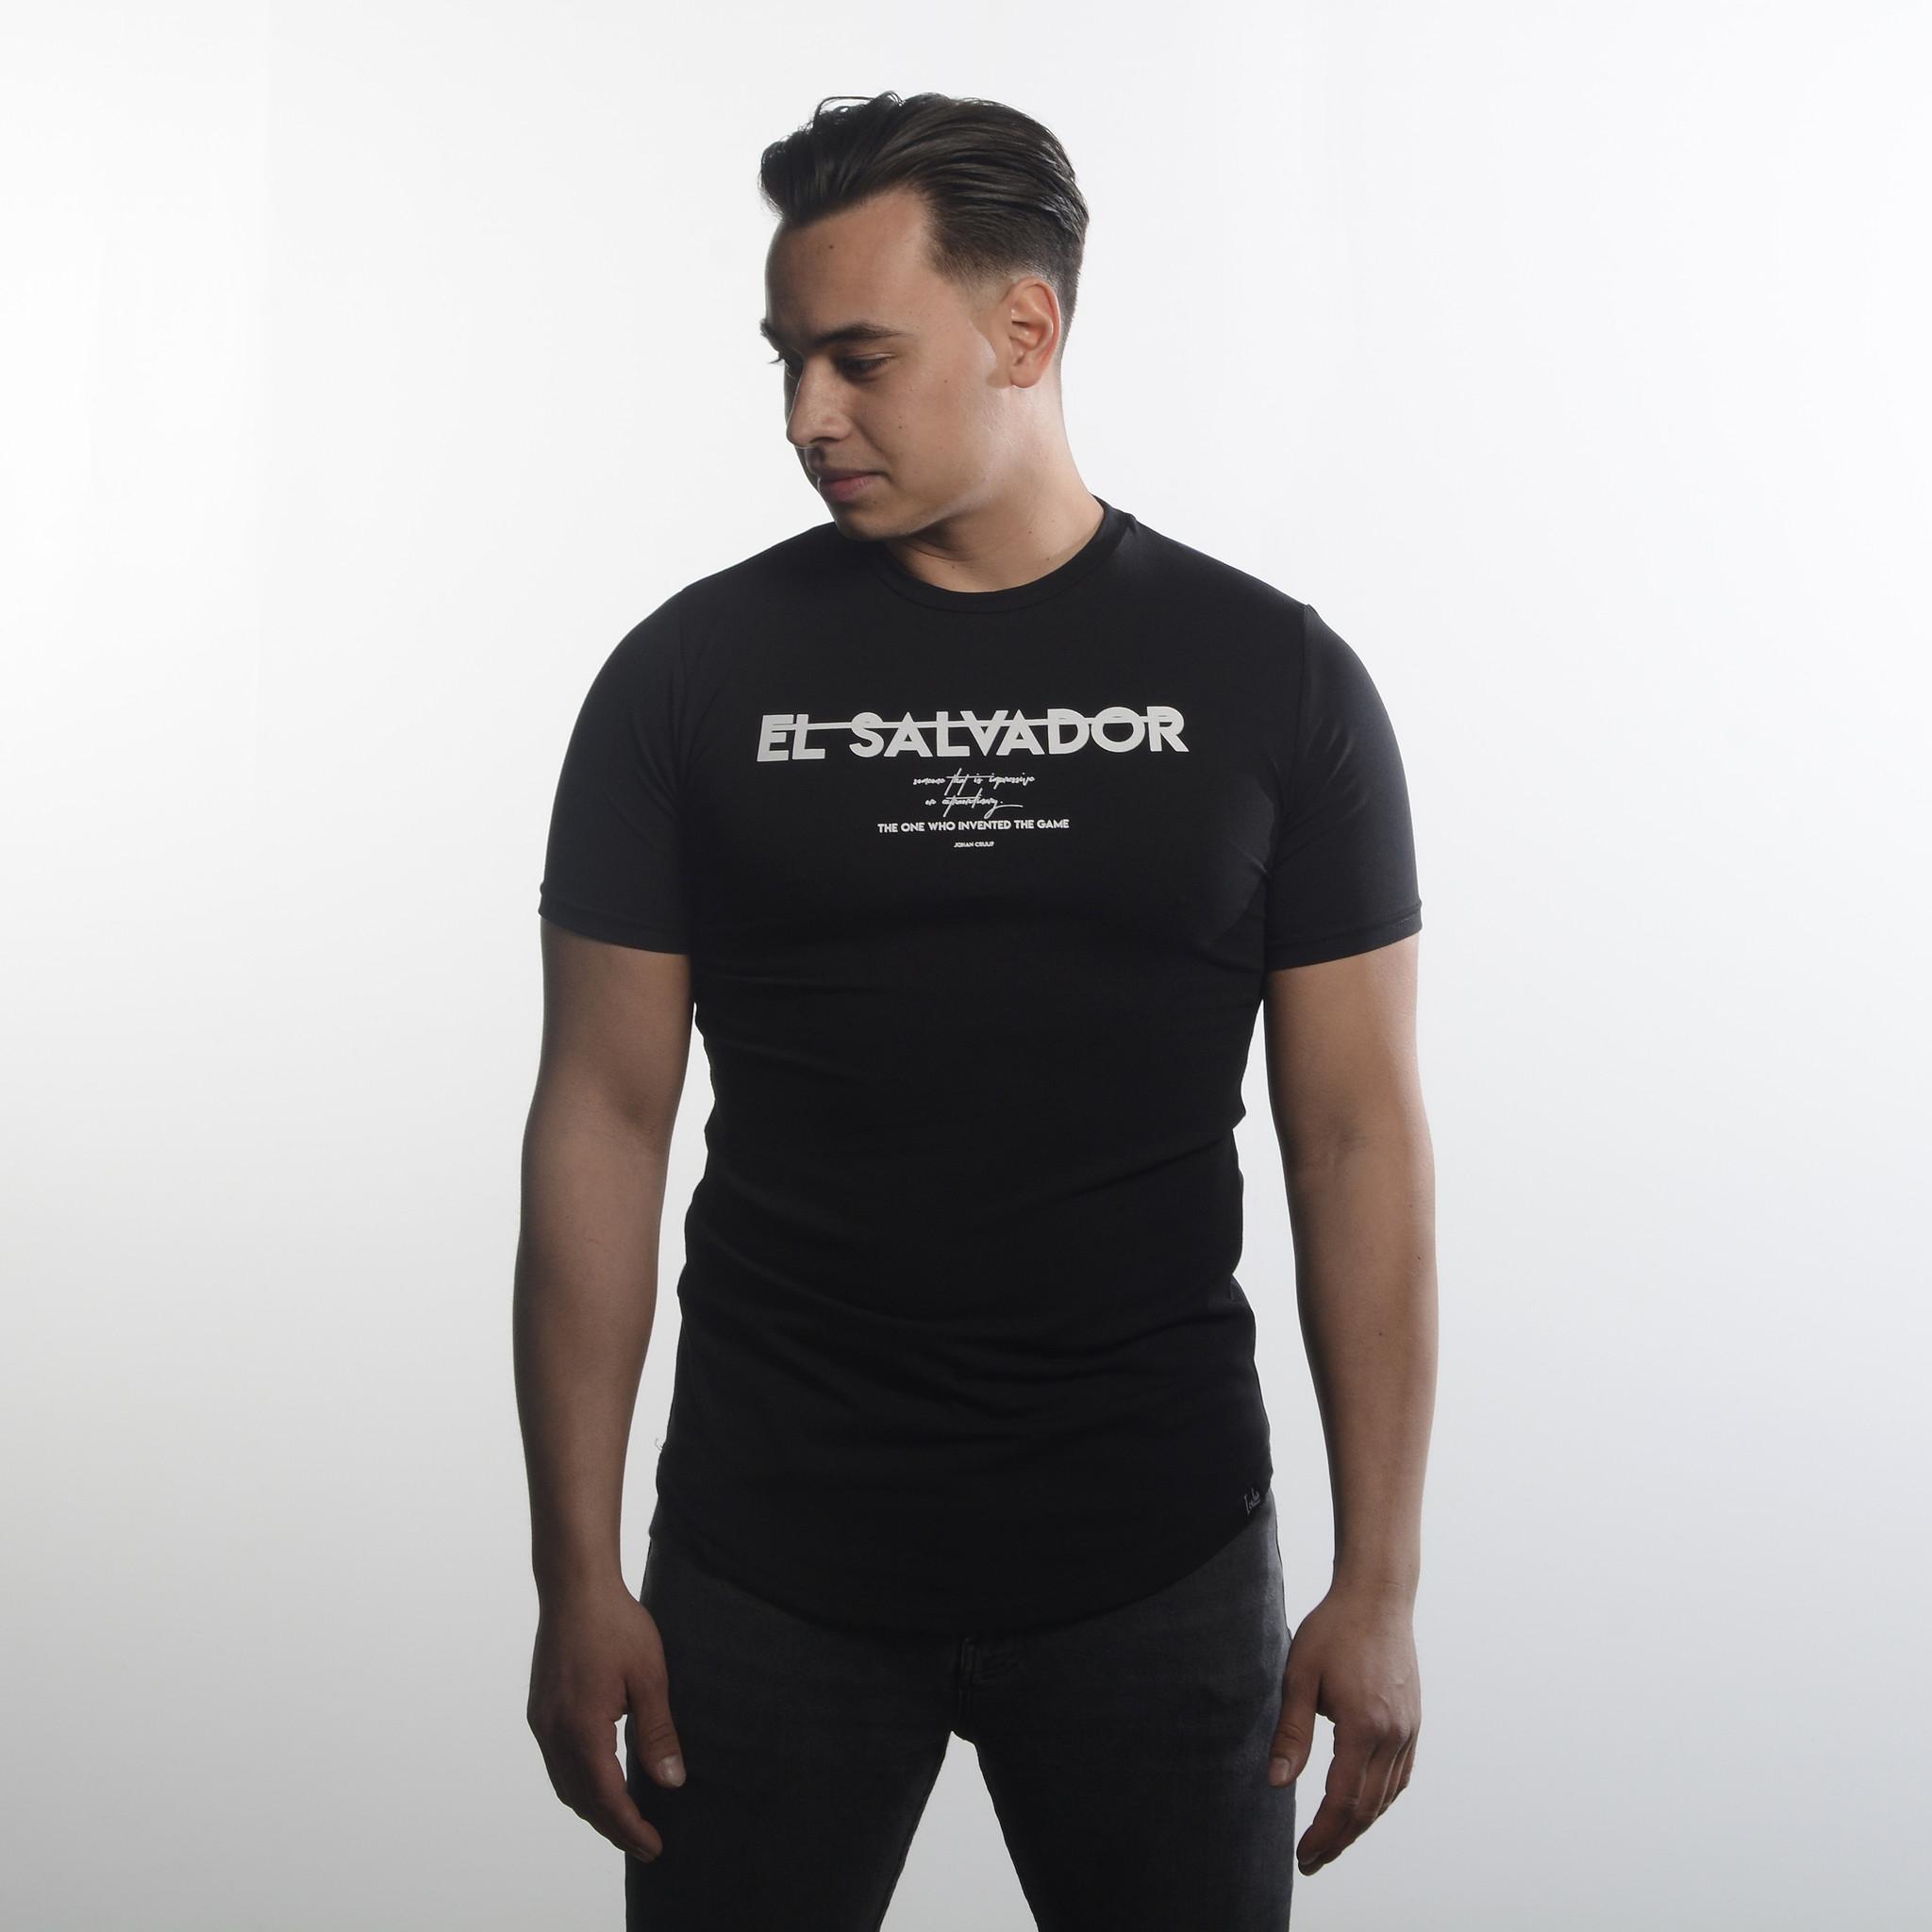 Icelus Clothing El Salvador